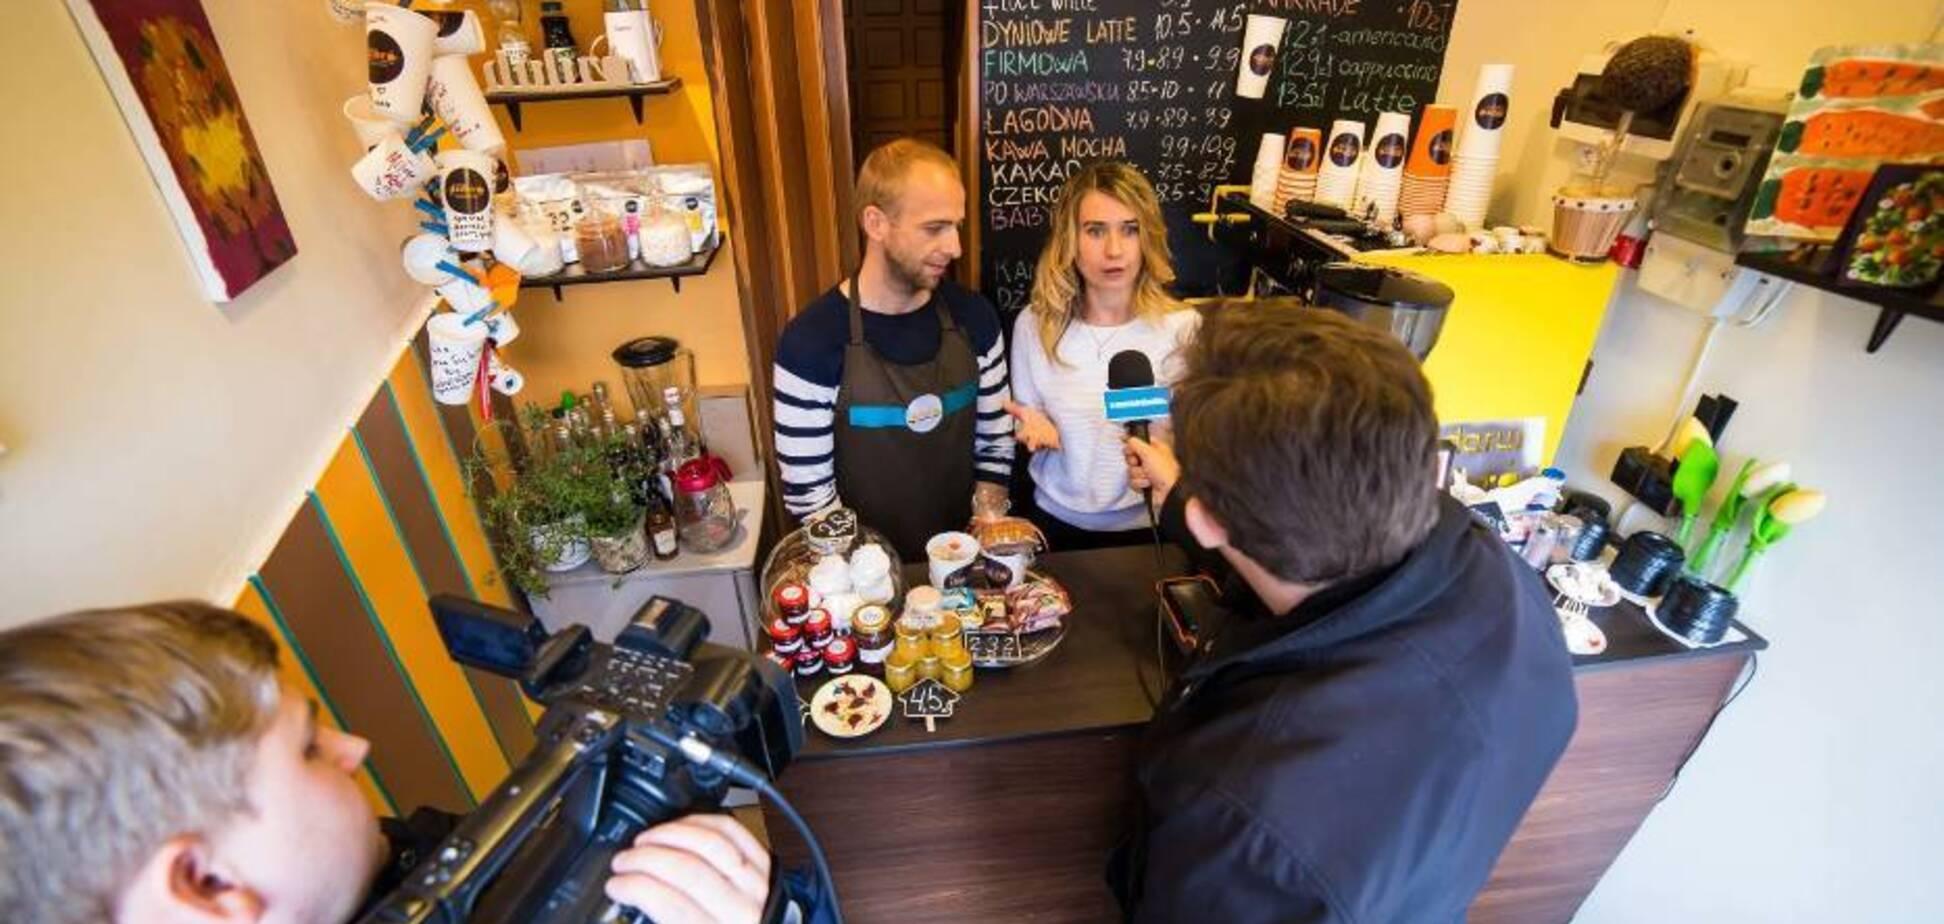 У нее самое маленькое кафе в Польше и это круто. История успеха одной украинки